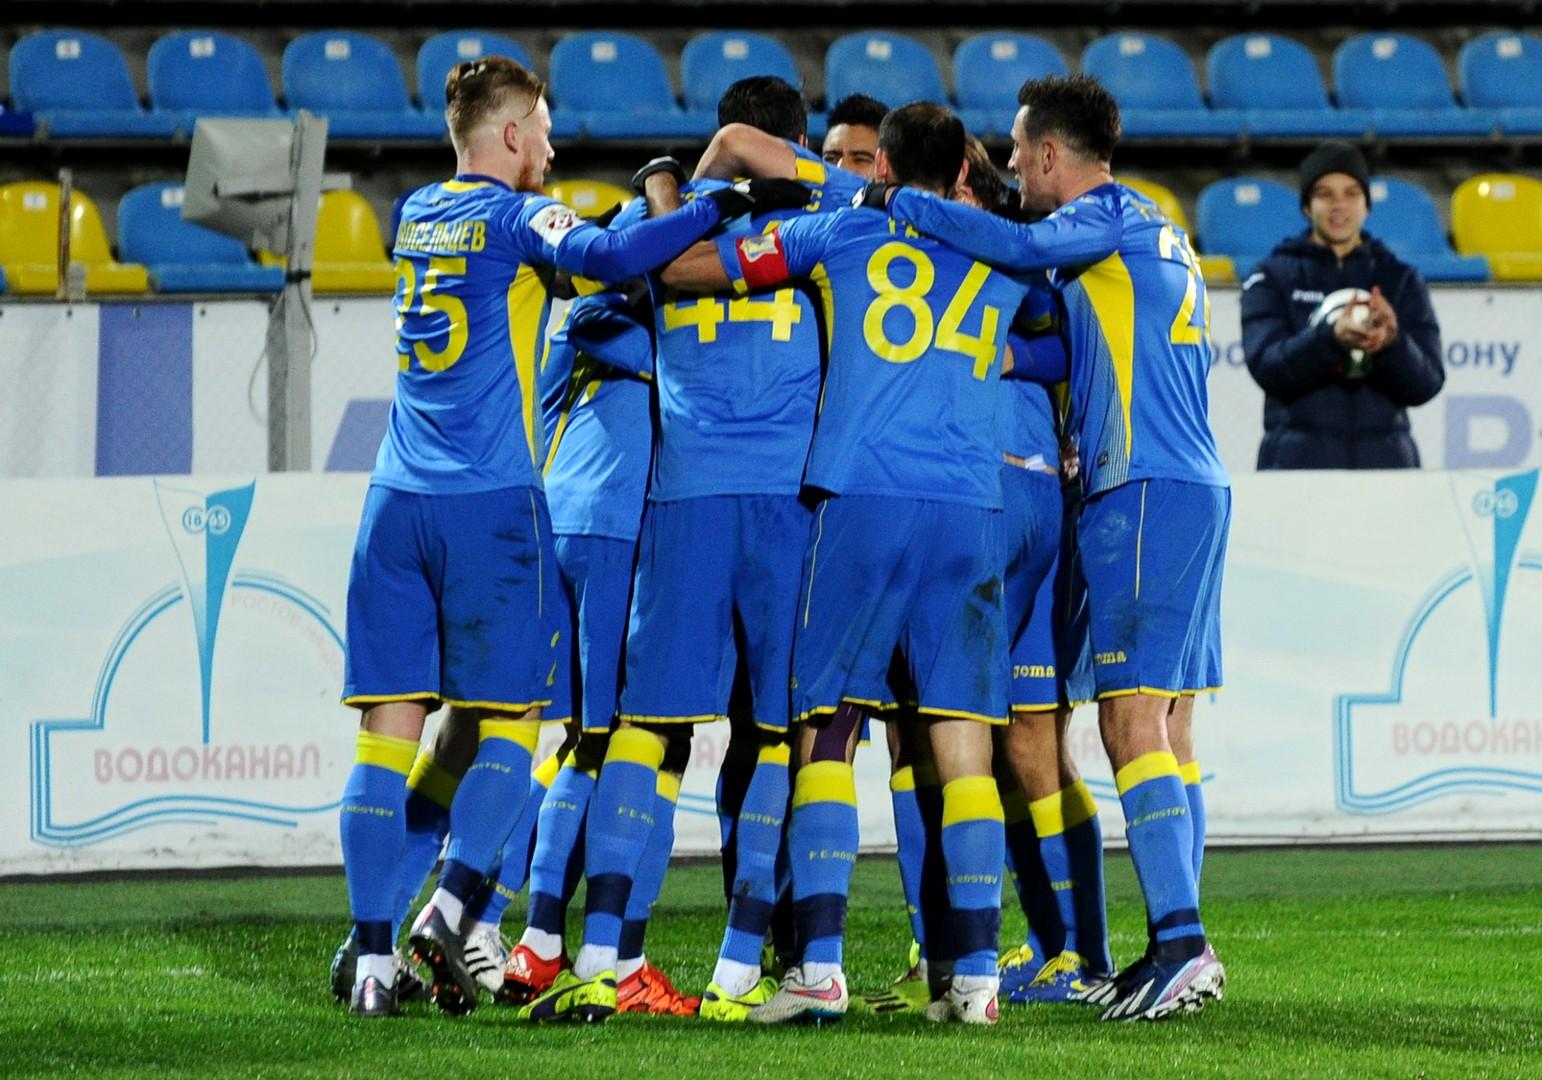 Haben diese Saison öfters Grund zum Jubeln: Die Spieler des FC Rostov